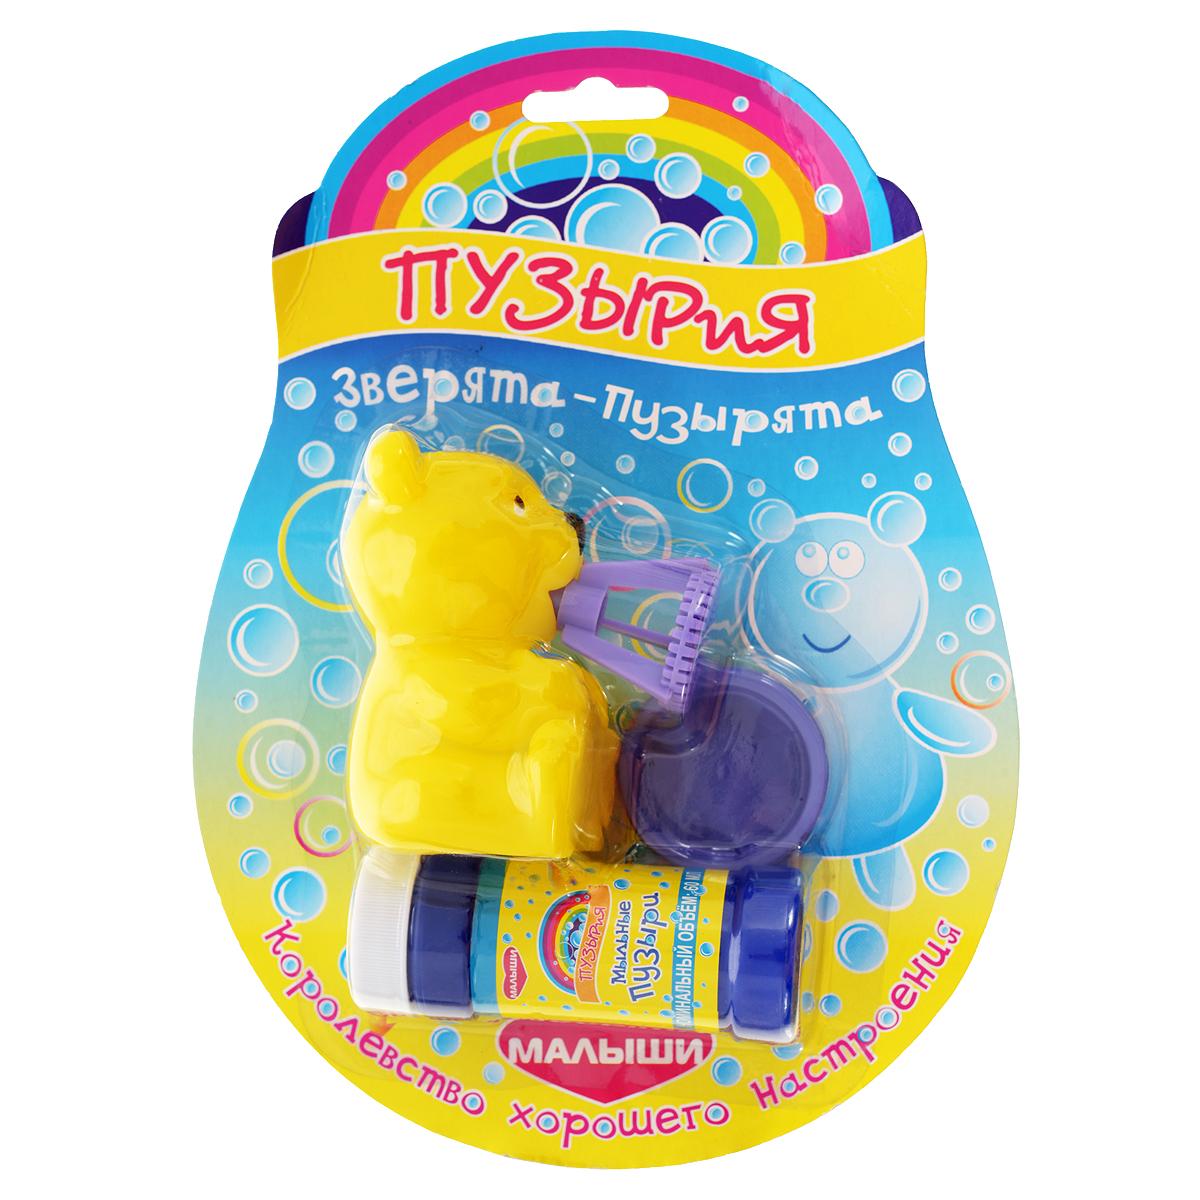 Набор для пускания мыльных пузырей Малыши Зверята-пузырята: Медвежонок, цвет: желтый253_желтый медвежонокВсе дети обожают пускать мыльные пузыри, а с набором Зверята-пузырята: Медвежонок это будет еще интереснее! Набор состоит из игрушки для пускания пузырей в виде медвежонка, ванночки для жидкого наполнителя и баночки с мыльным раствором. Налейте мыльный раствор в ванночку окуните кольца приспособления в раствор, направьте приспособление в сторону и сожмите игрушку пальцами, чтобы выпустить очередь мыльных пузырей, которые будут переливаться всеми цветами радуги и парить в воздухе, радуя всех окружающих. Веселье дома и на улице! Устройте праздник мыльных пузырей, сделайте свой день незабываемым вместе с таким набором!